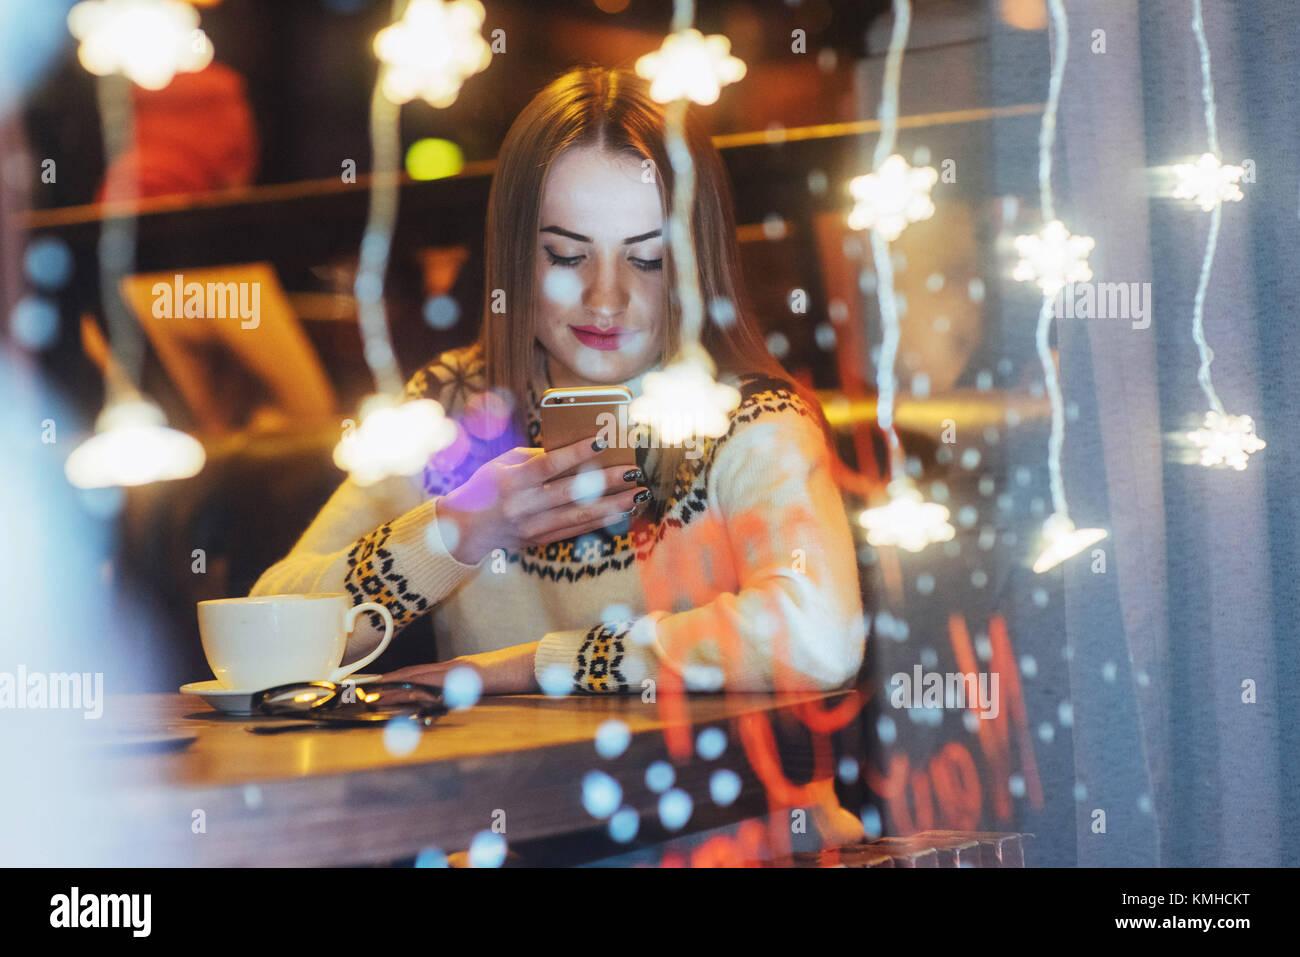 Junge schöne Frau sitzen im Café, Kaffee zu trinken. Magischen Schneefall-Effekt. Weihnachten, Neujahr, Stockbild